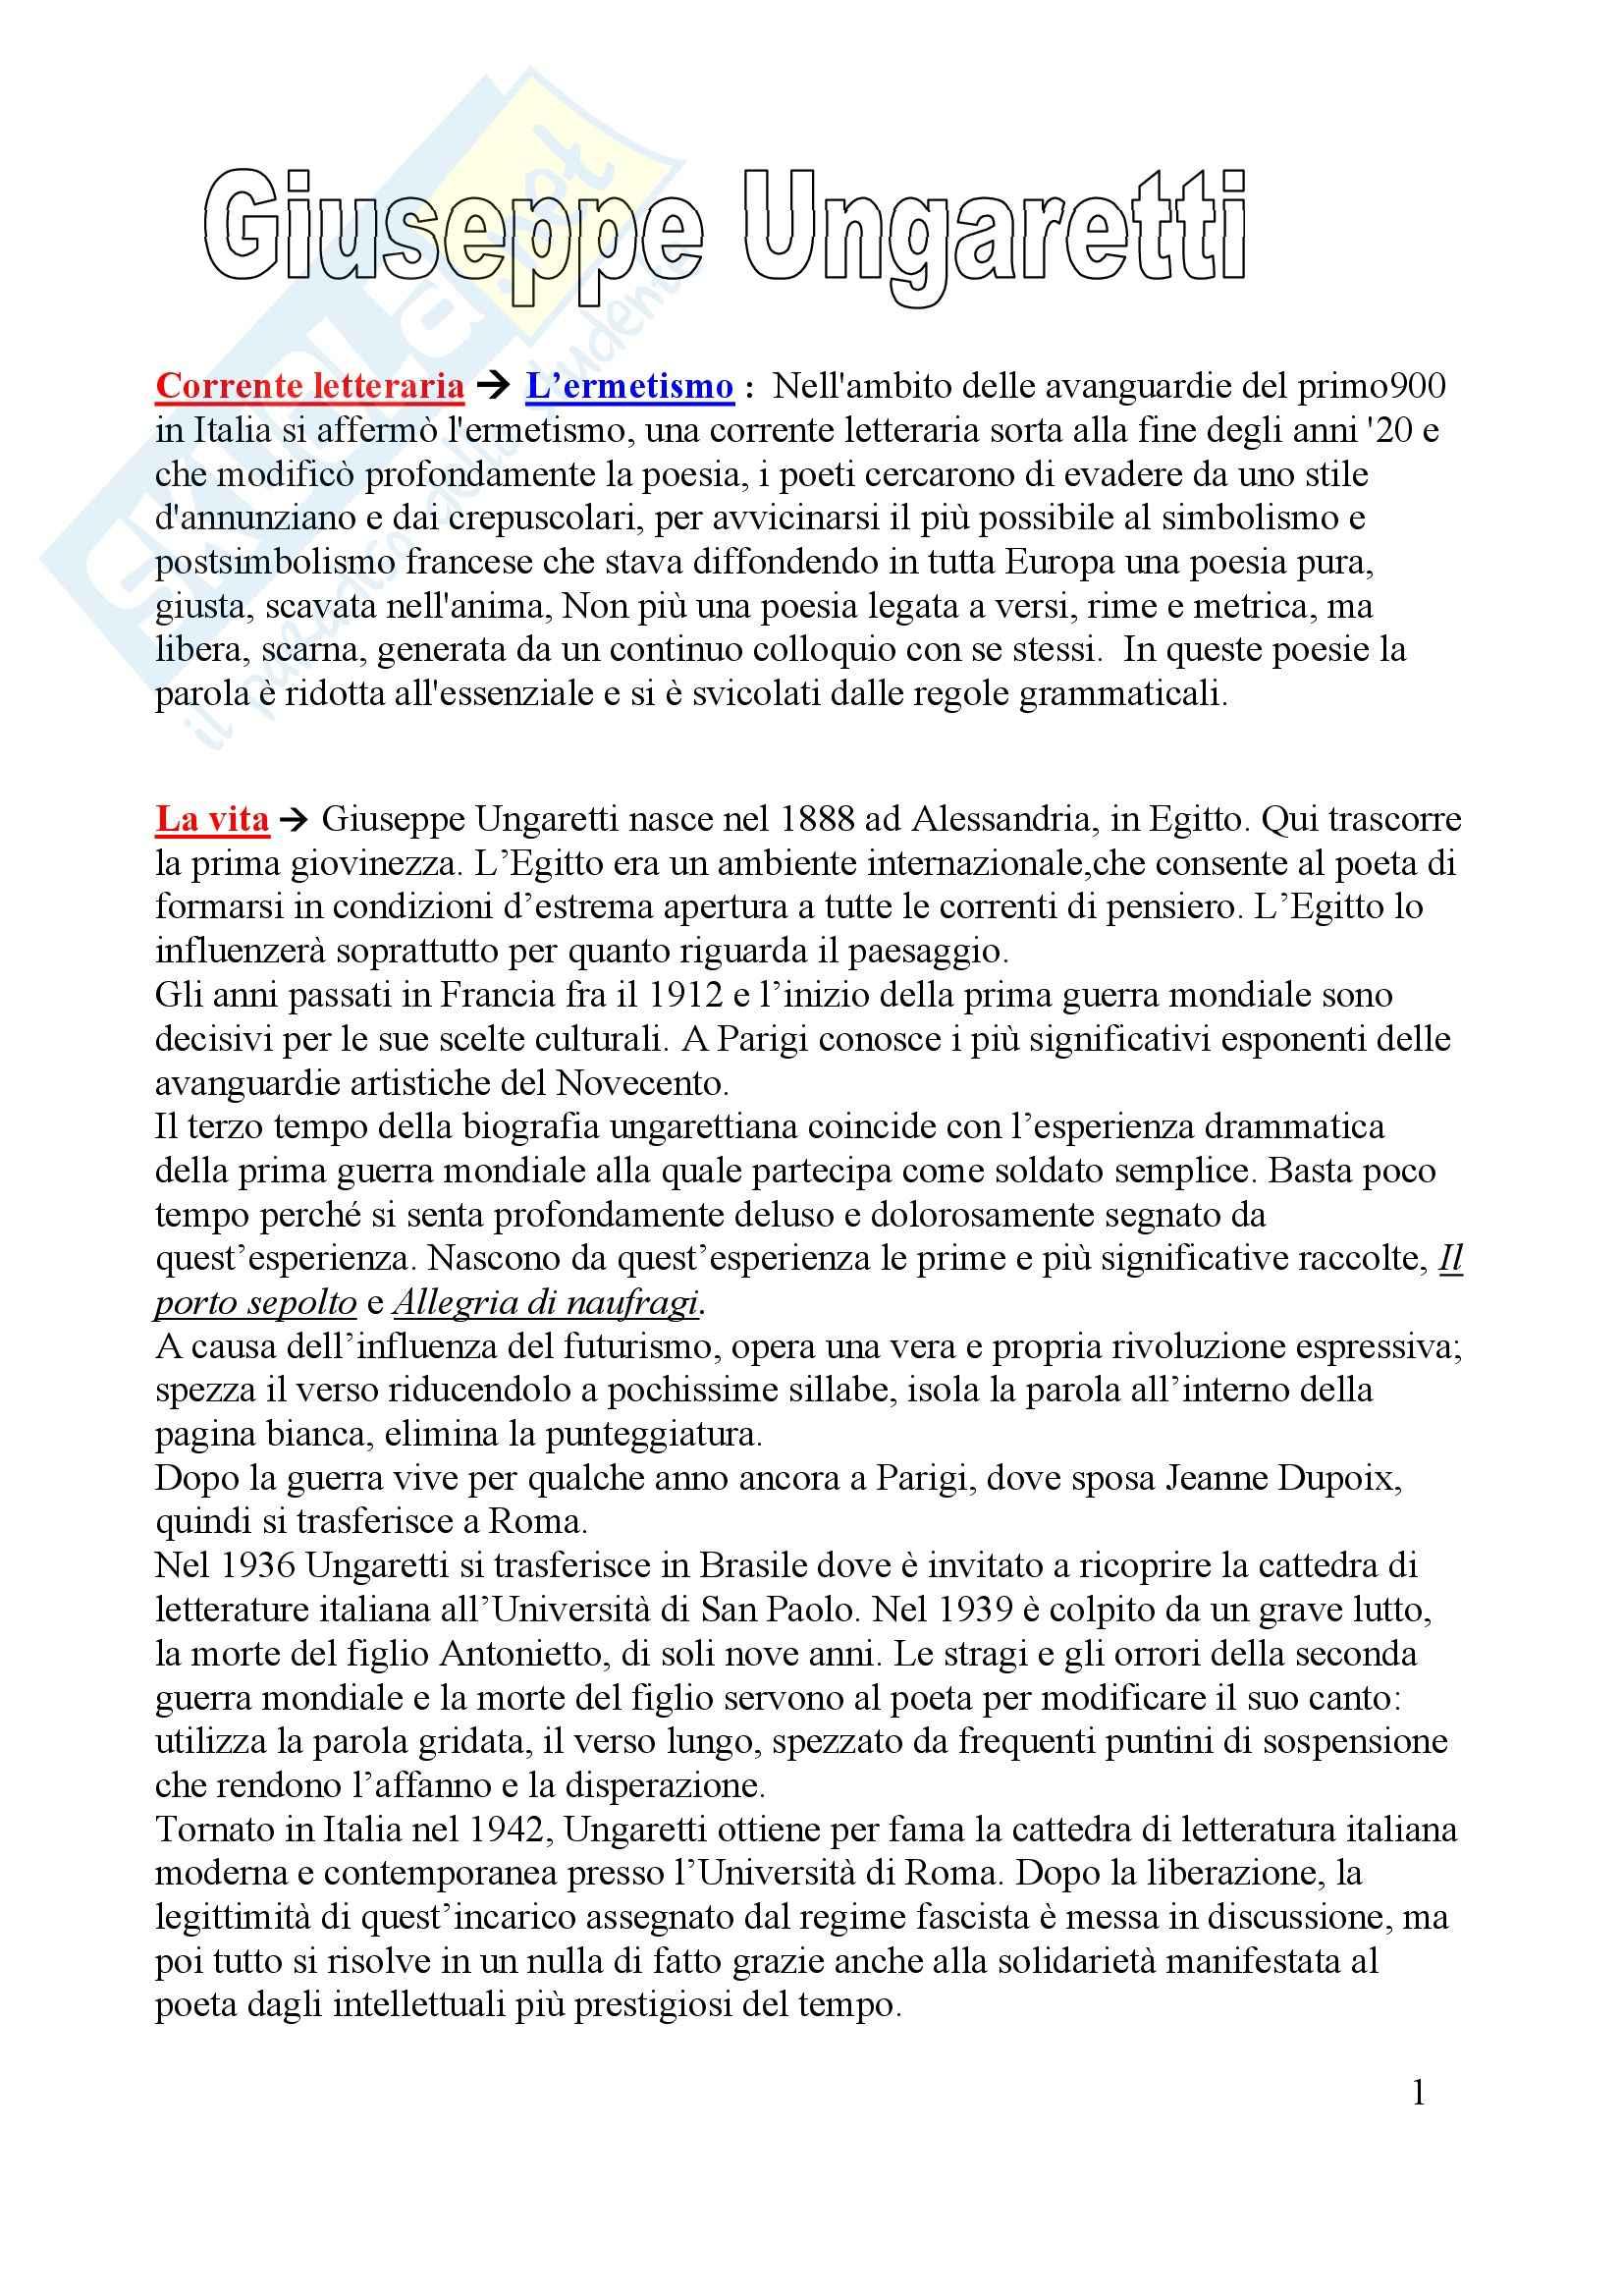 Letteratura italiana - Giuseppe Ungaretti